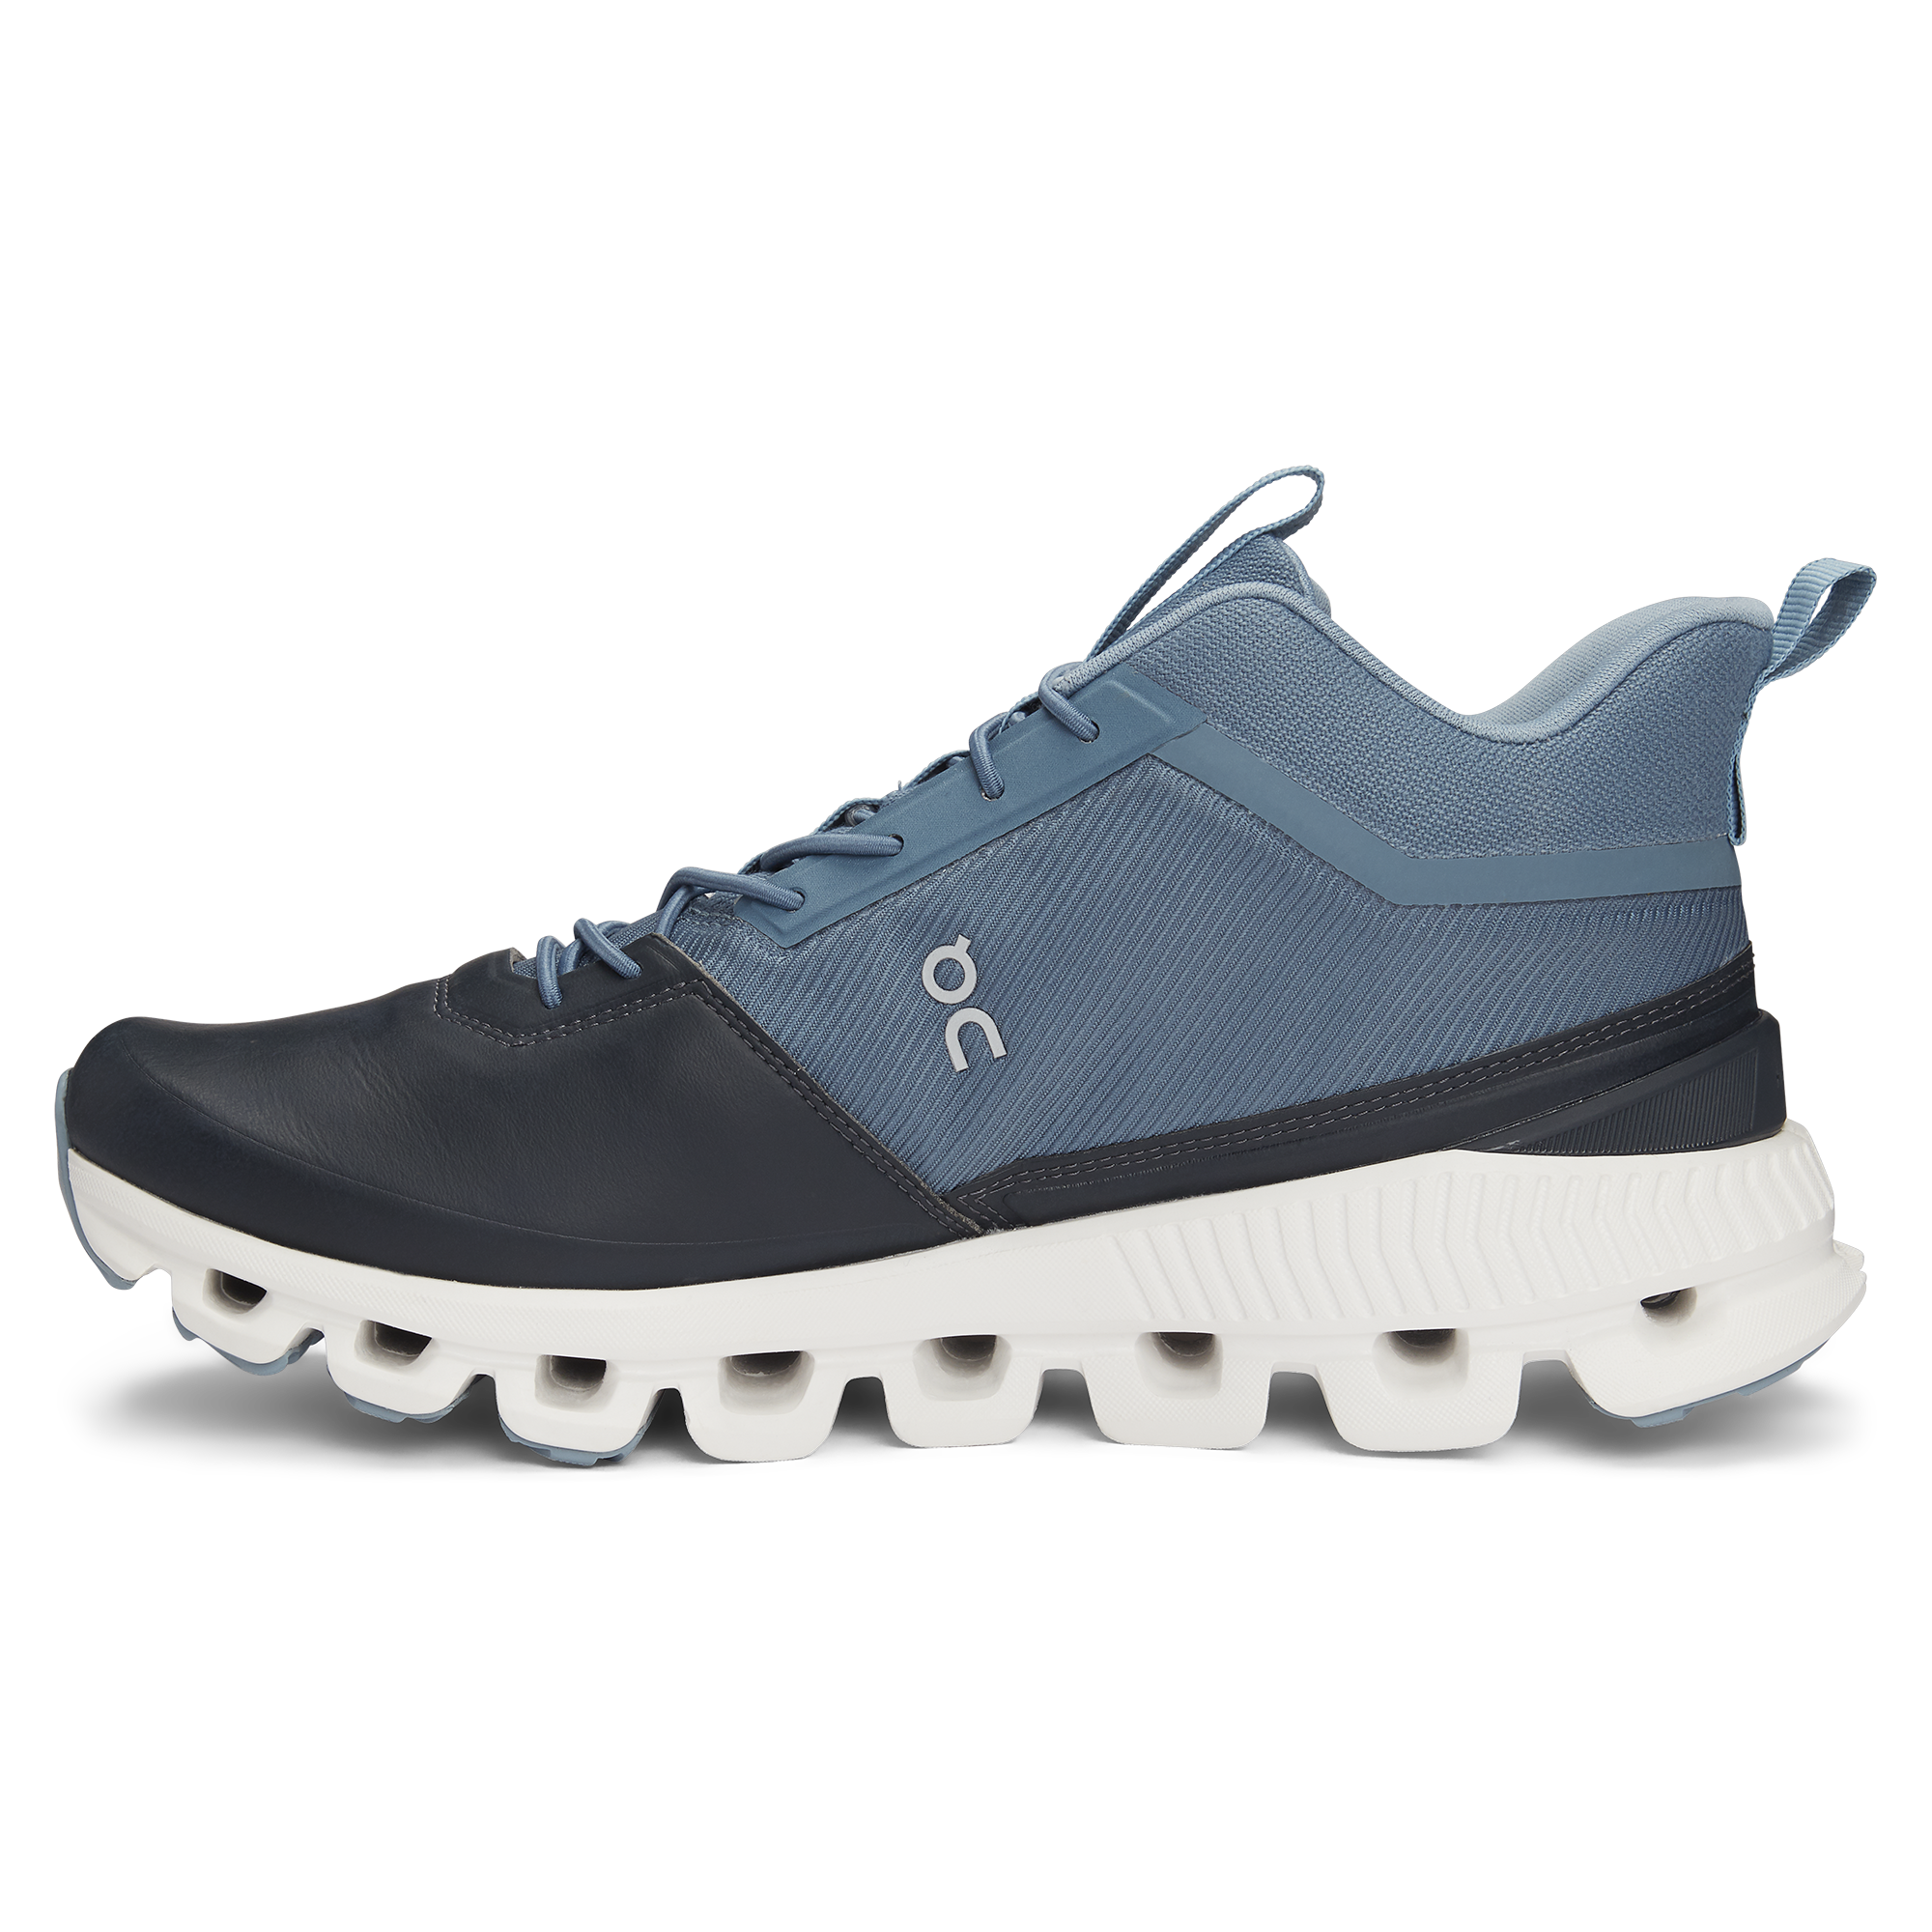 Cloud Hi La chaussure super confortable pour l'aventure urbaine | On